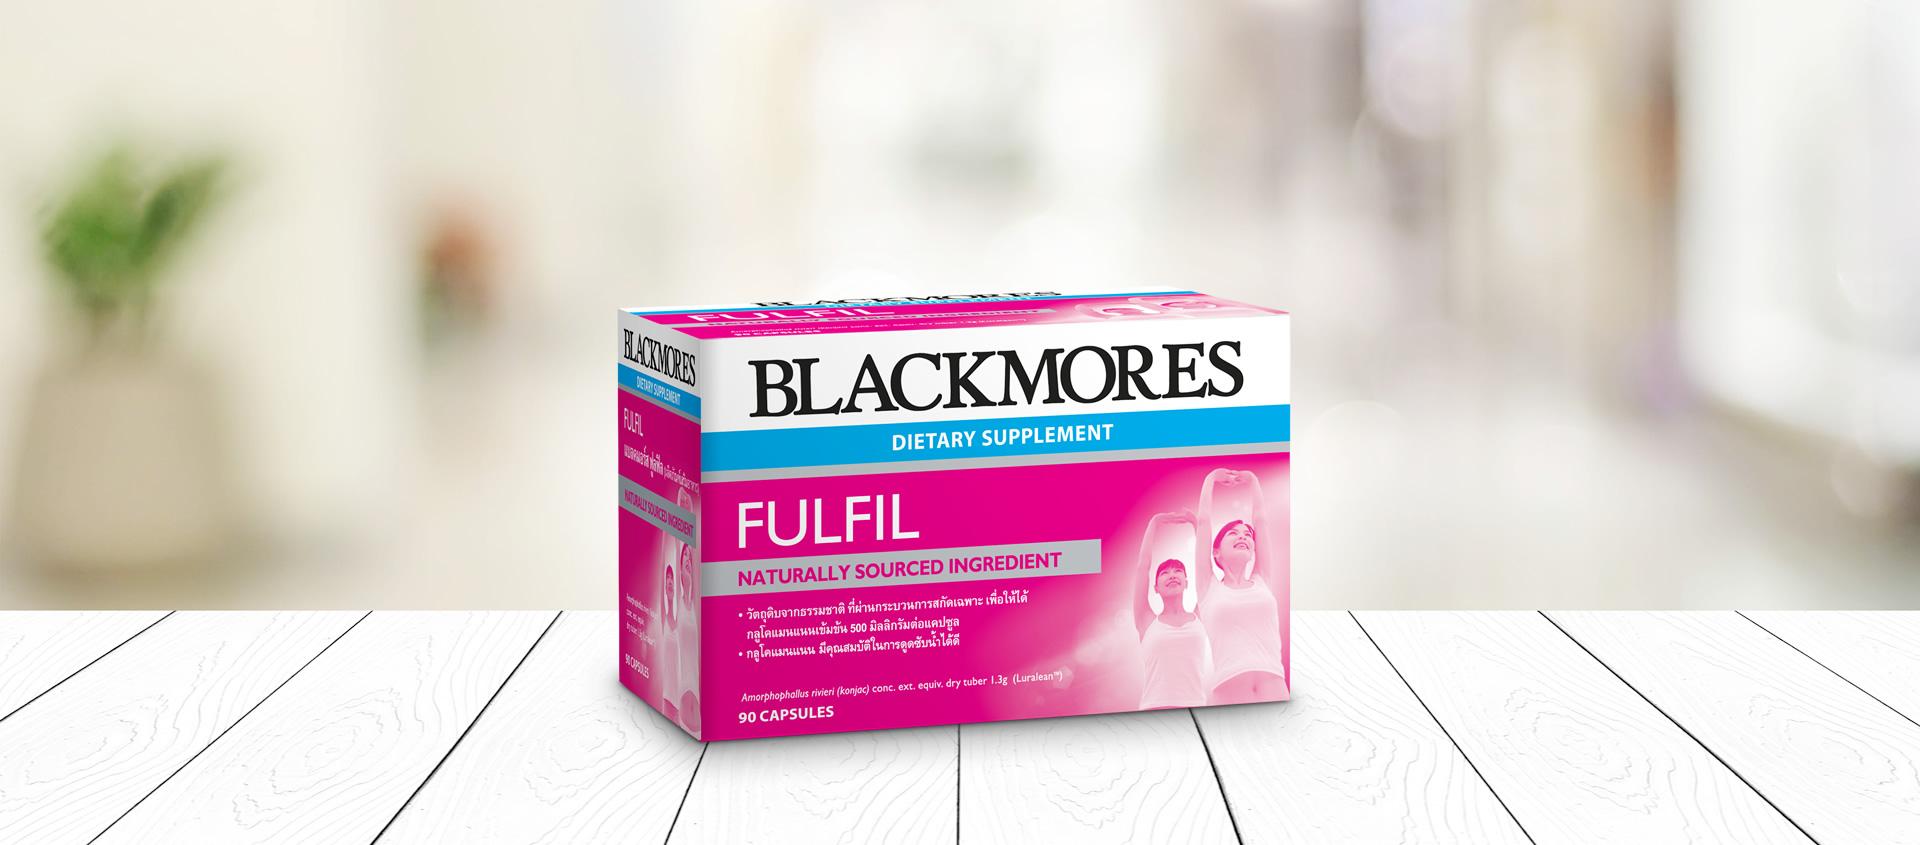 Blackmores Fulfil แบลคมอร์ส ฟูลฟิล (ผลิตภัณฑ์เสริมอาหาร)